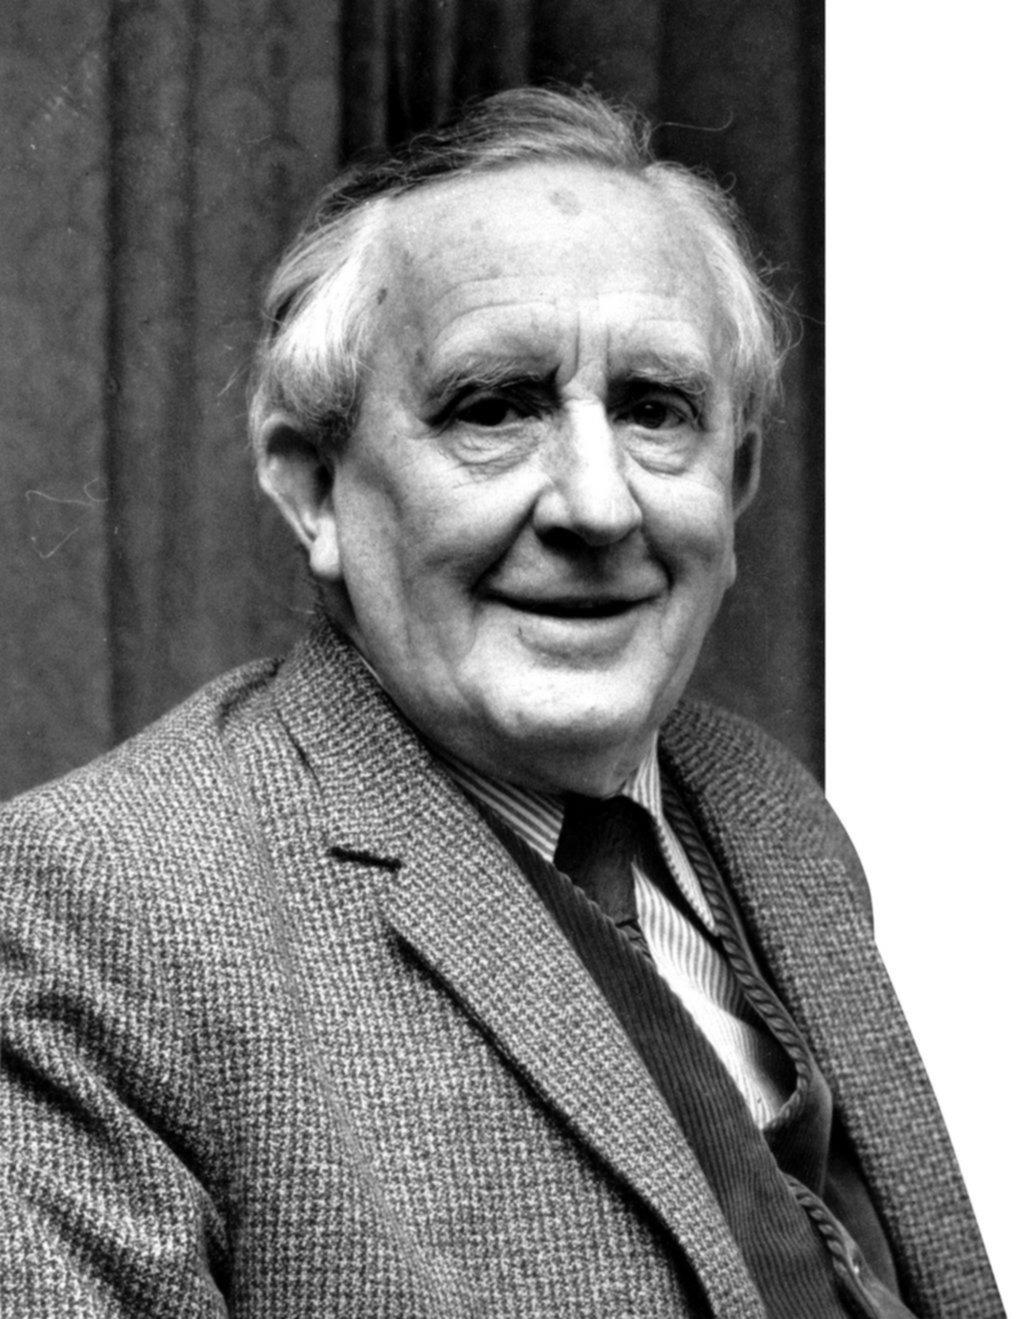 J.R.R. Tolkien, un legado de mitos e historias fantásticas